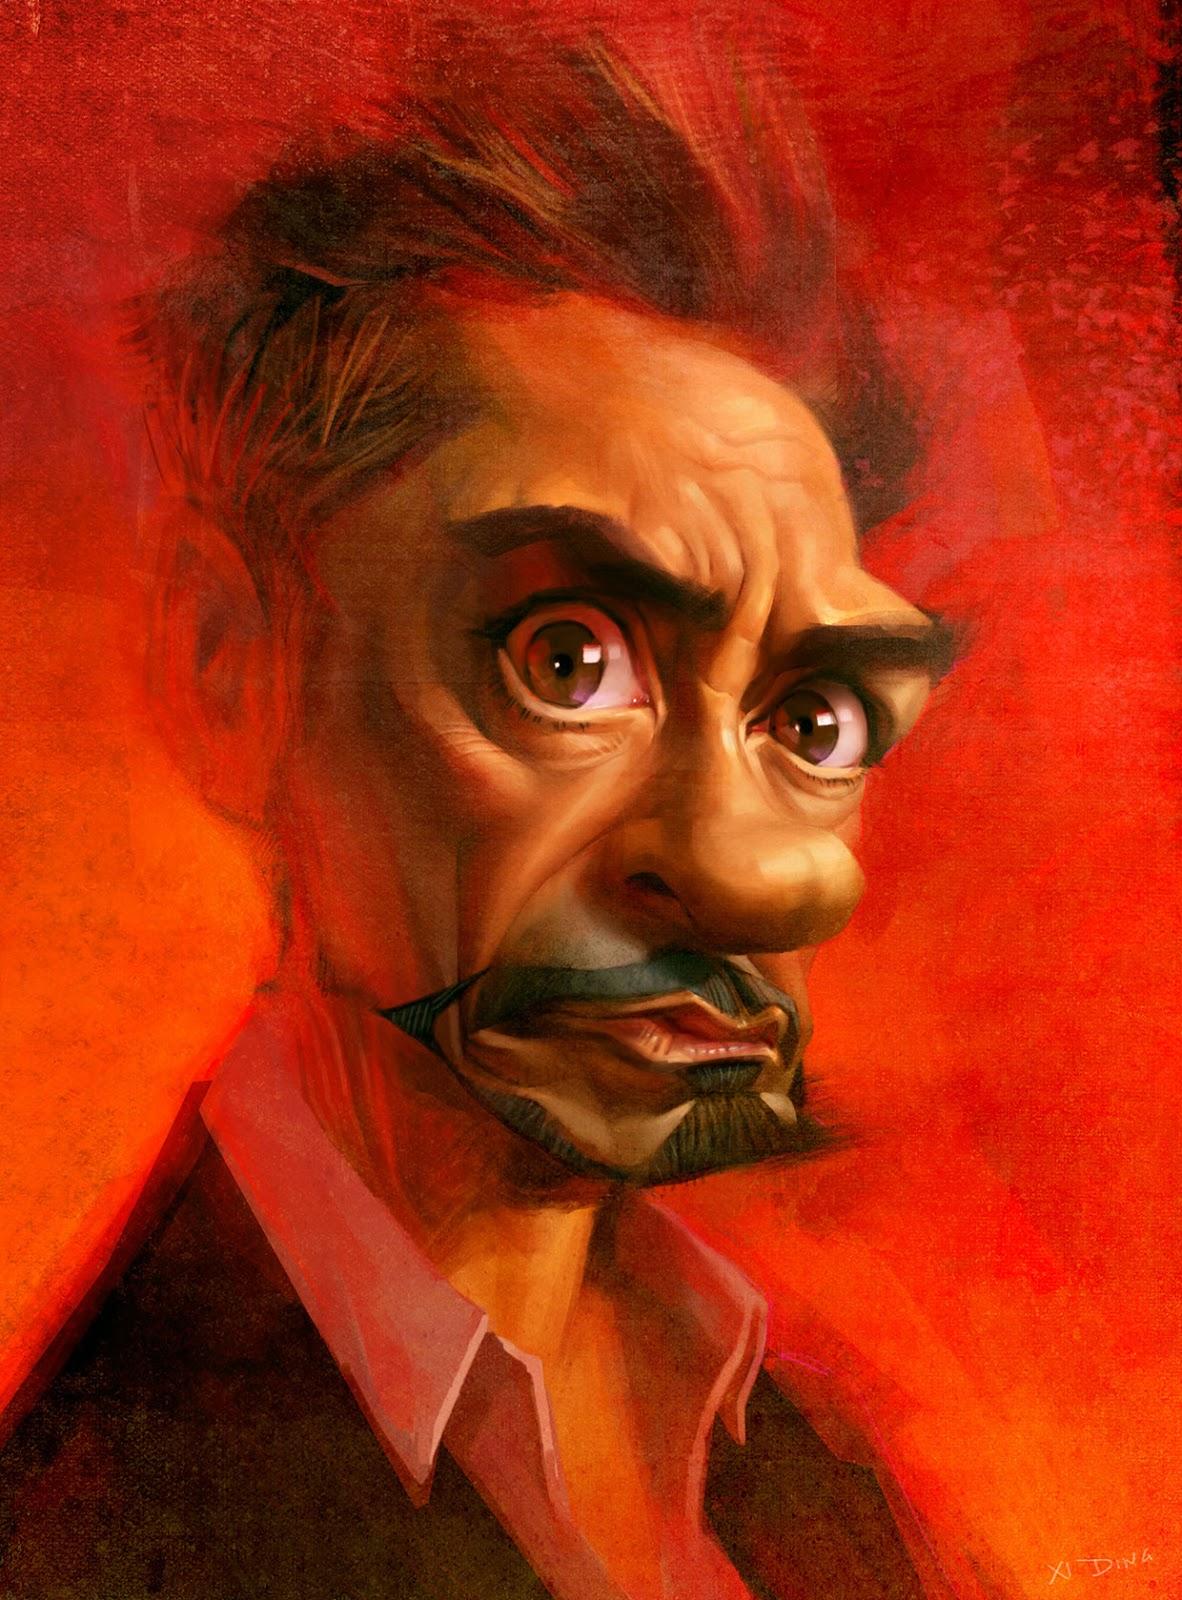 Robert Downey Jr. por Xi Ding